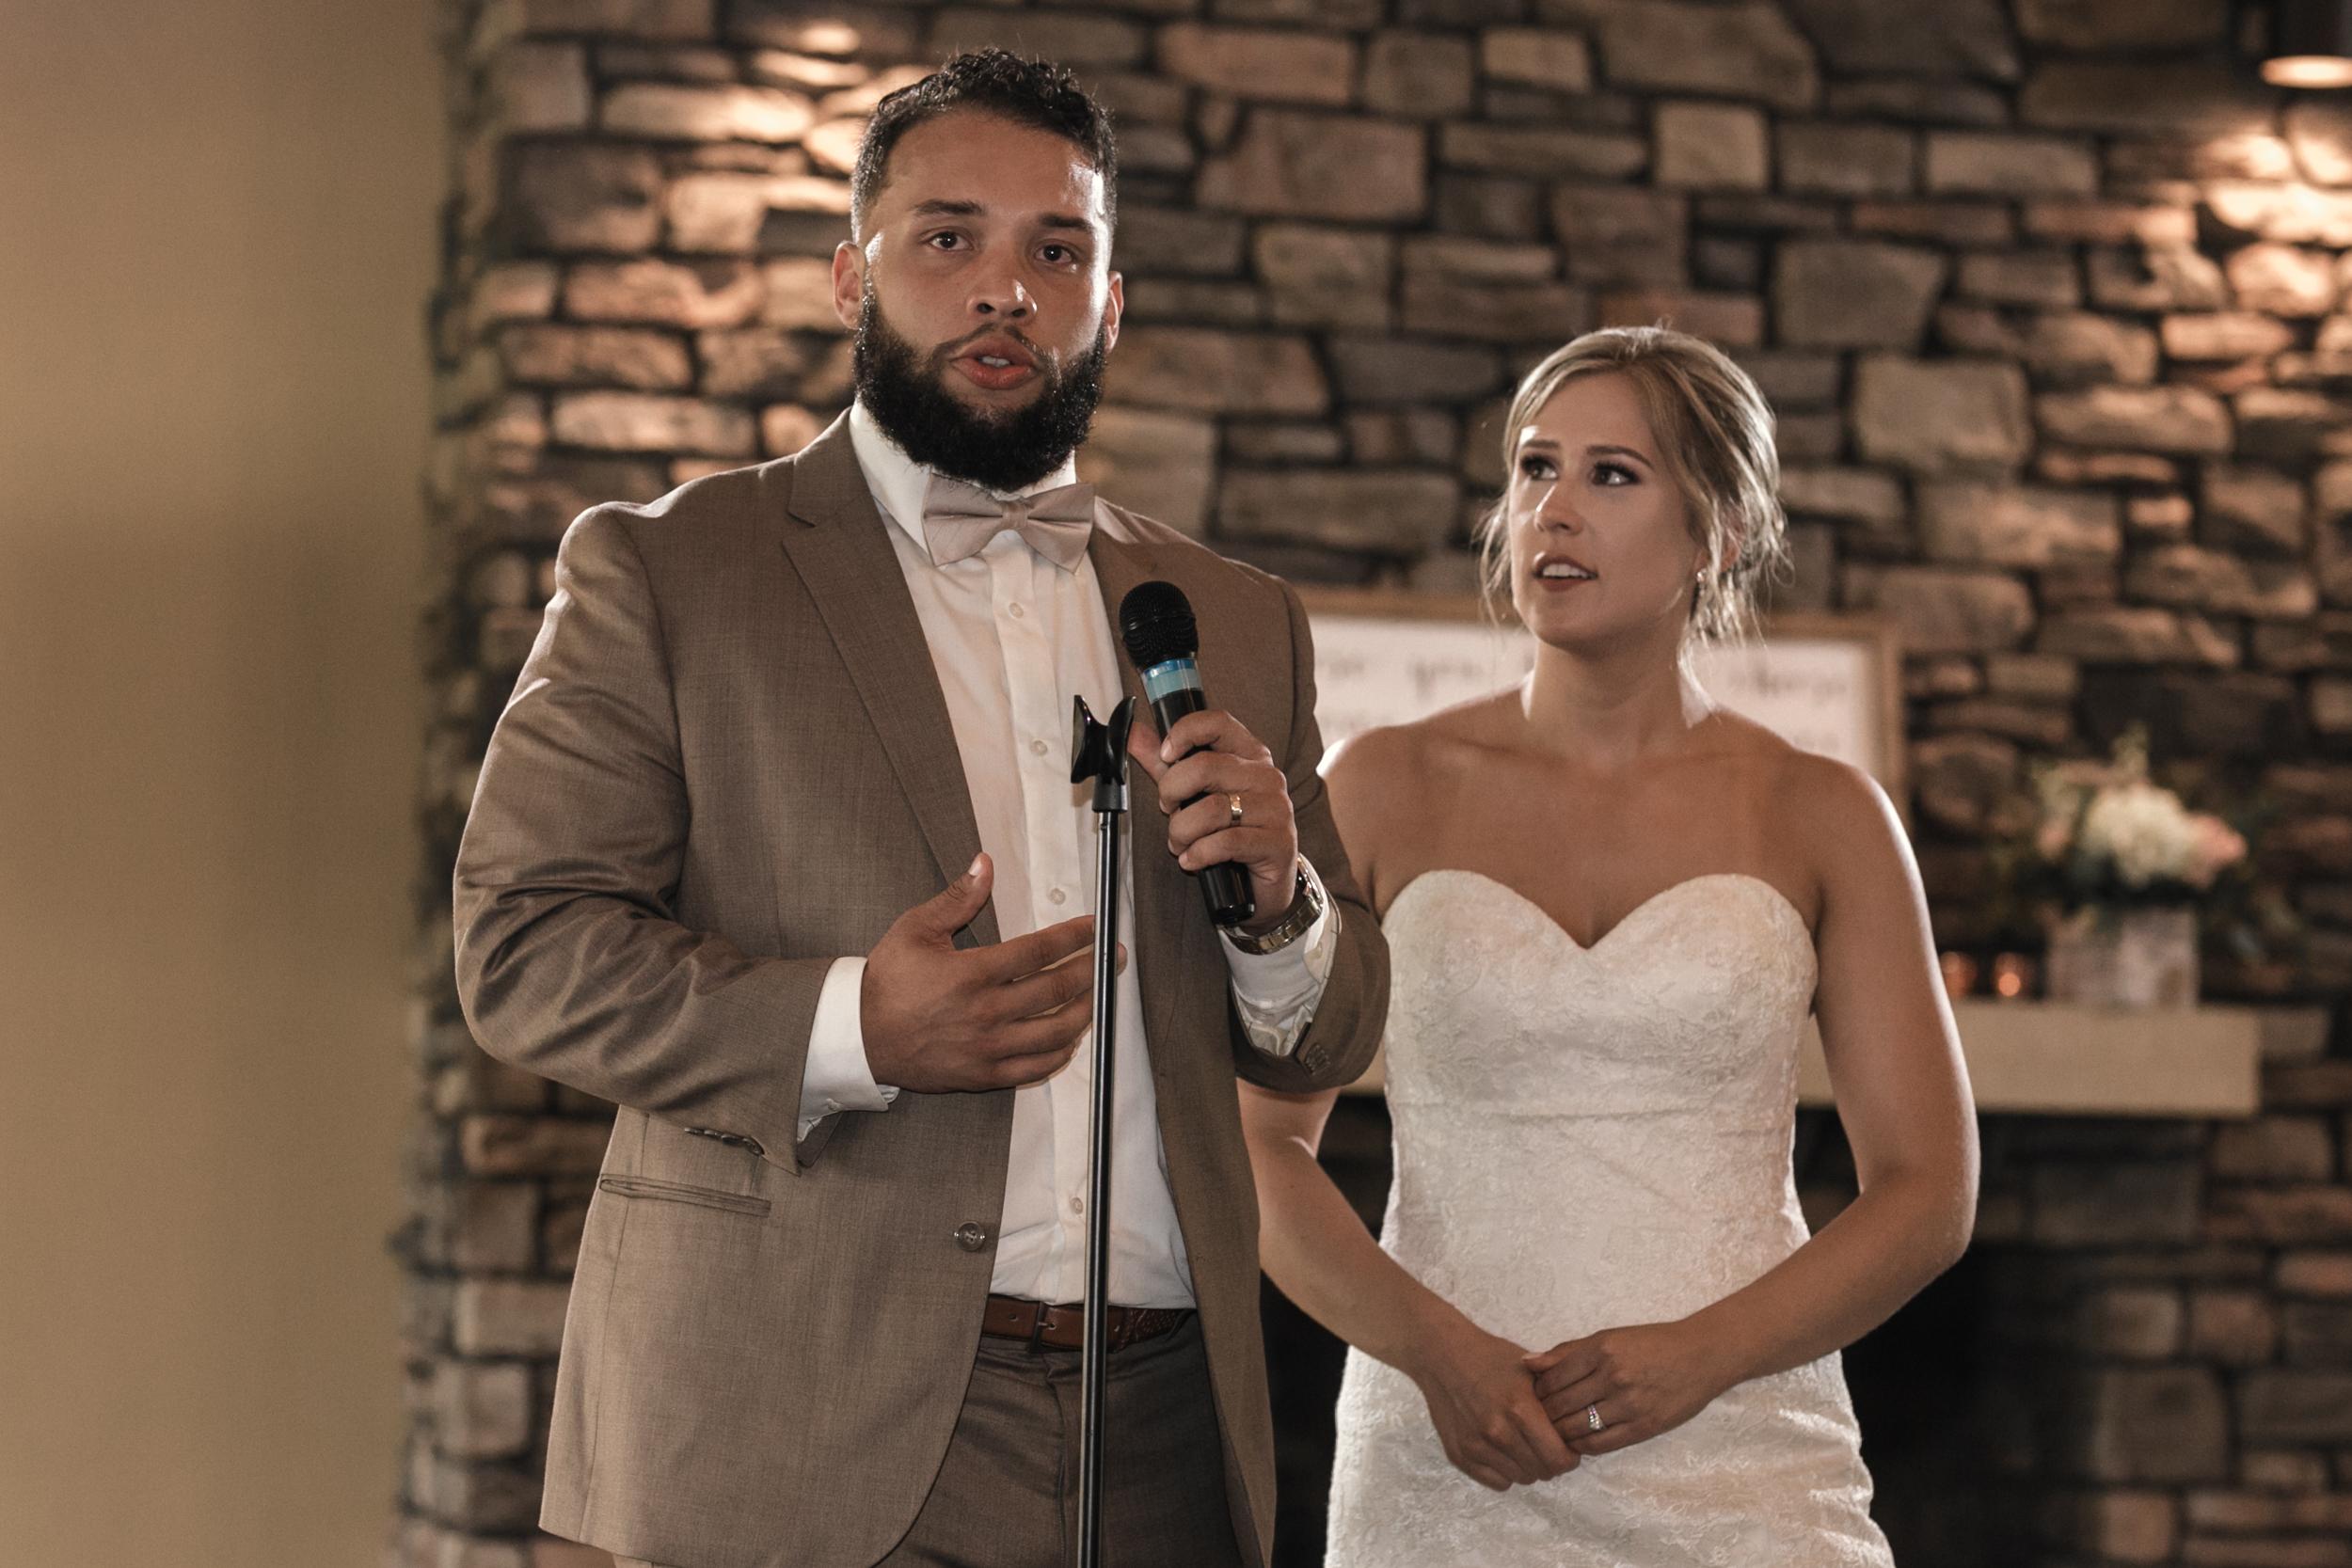 dellwood country club wedding*, Dellwood Country Club*, golf course wedding*, green golf course*, rose pink wedding details*-www.rachelsmak.com78.jpg